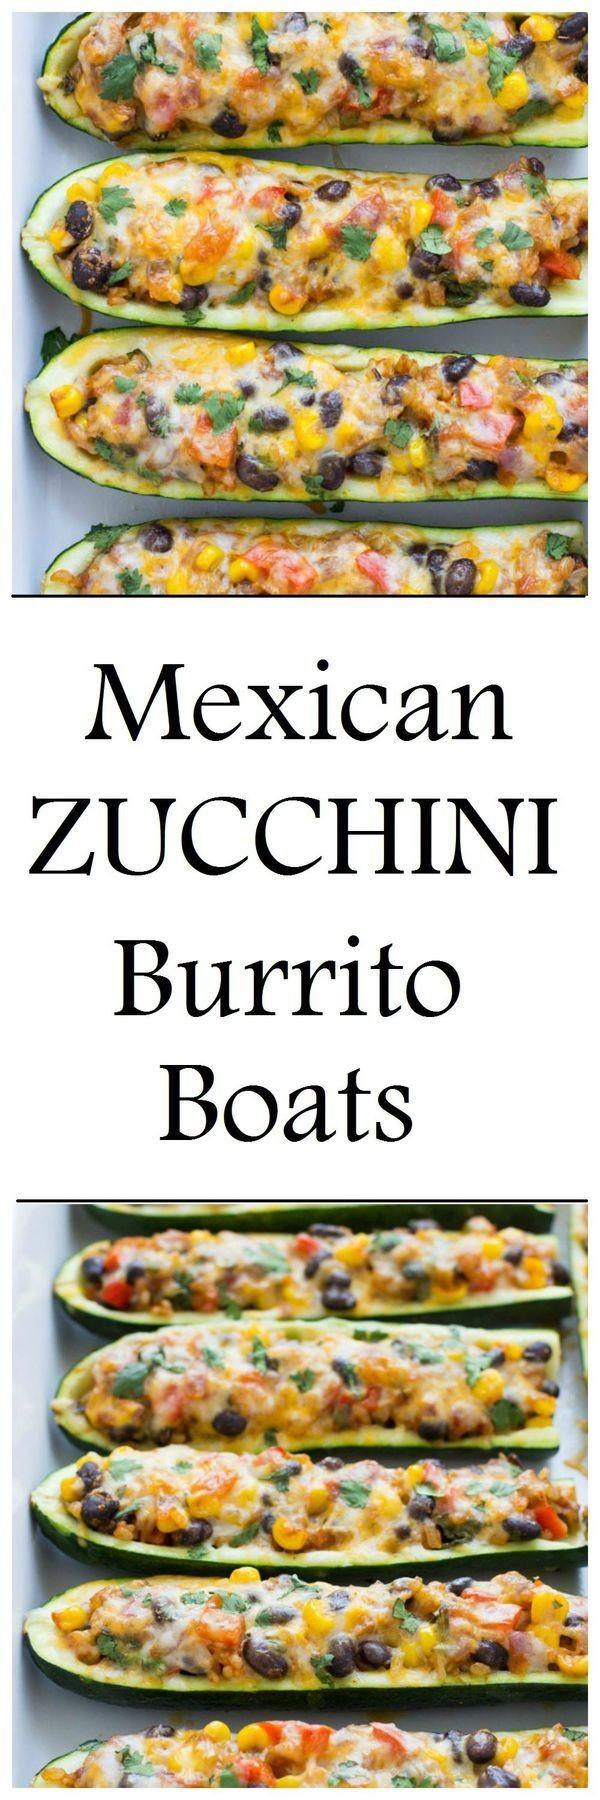 Get the recipe Mexican Zucchini Burrito Boats @recipes_to_go